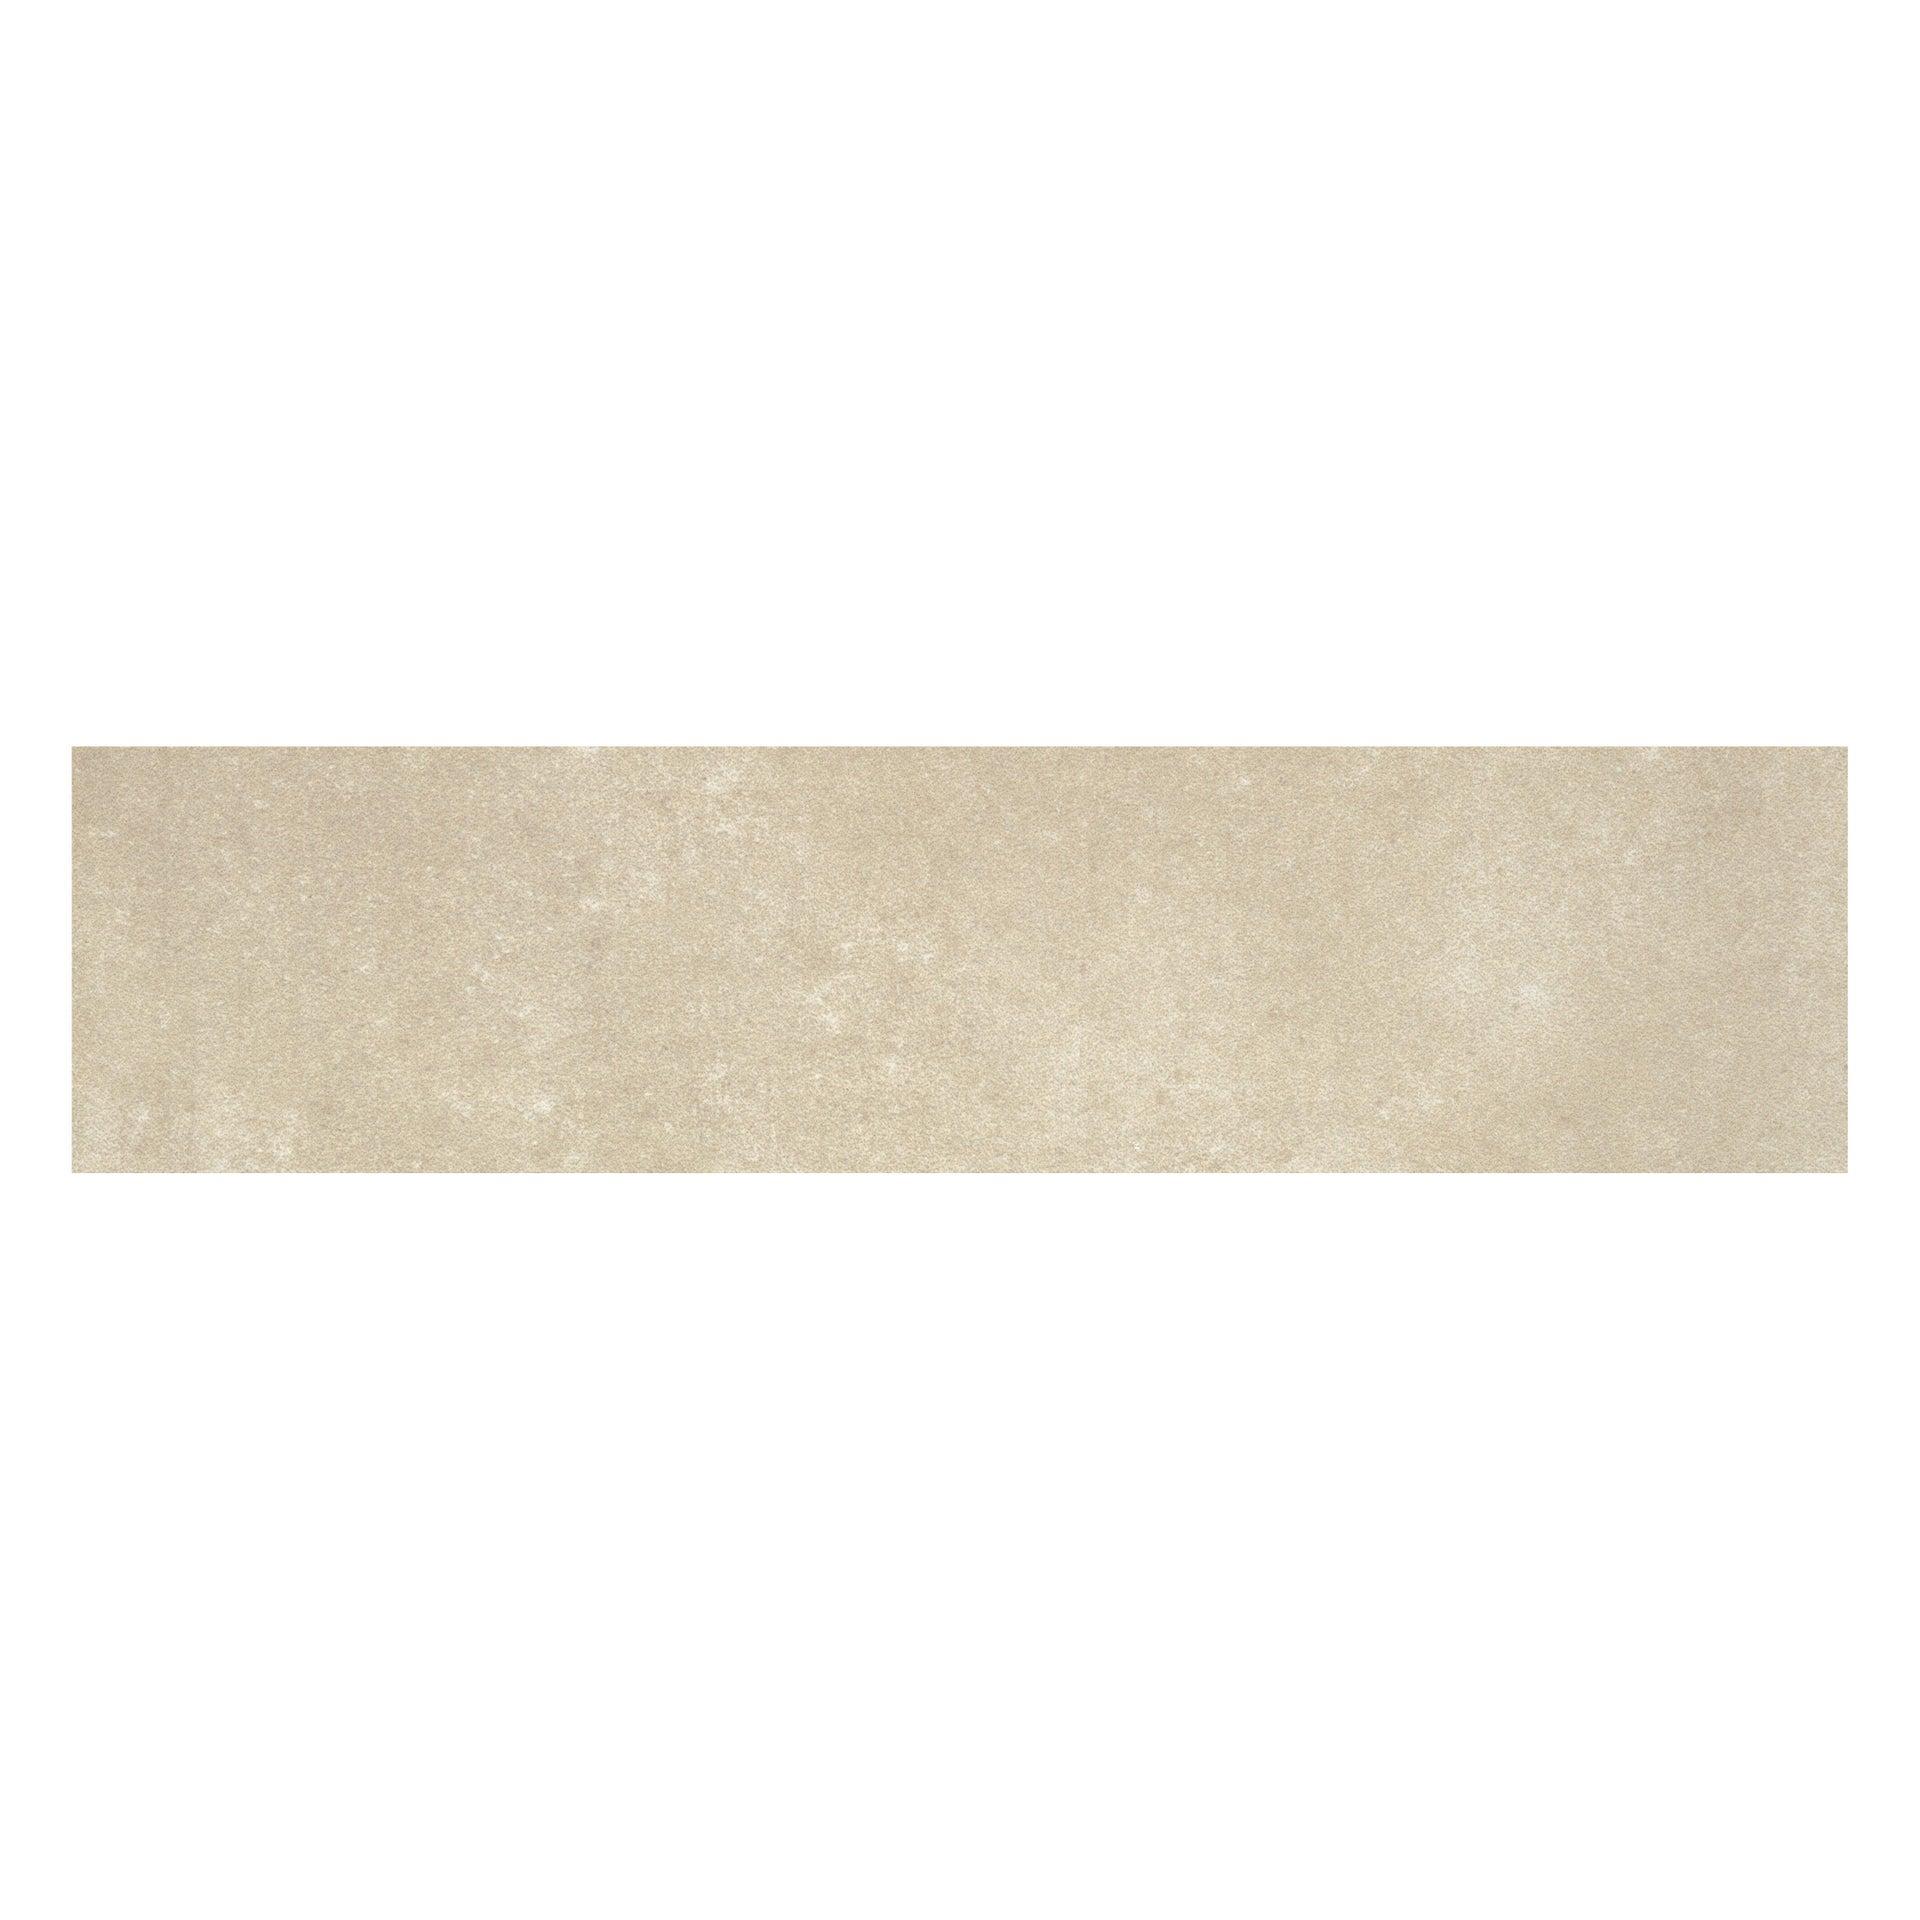 Battiscopa Cemento H 8 x L 33.3 cm beige